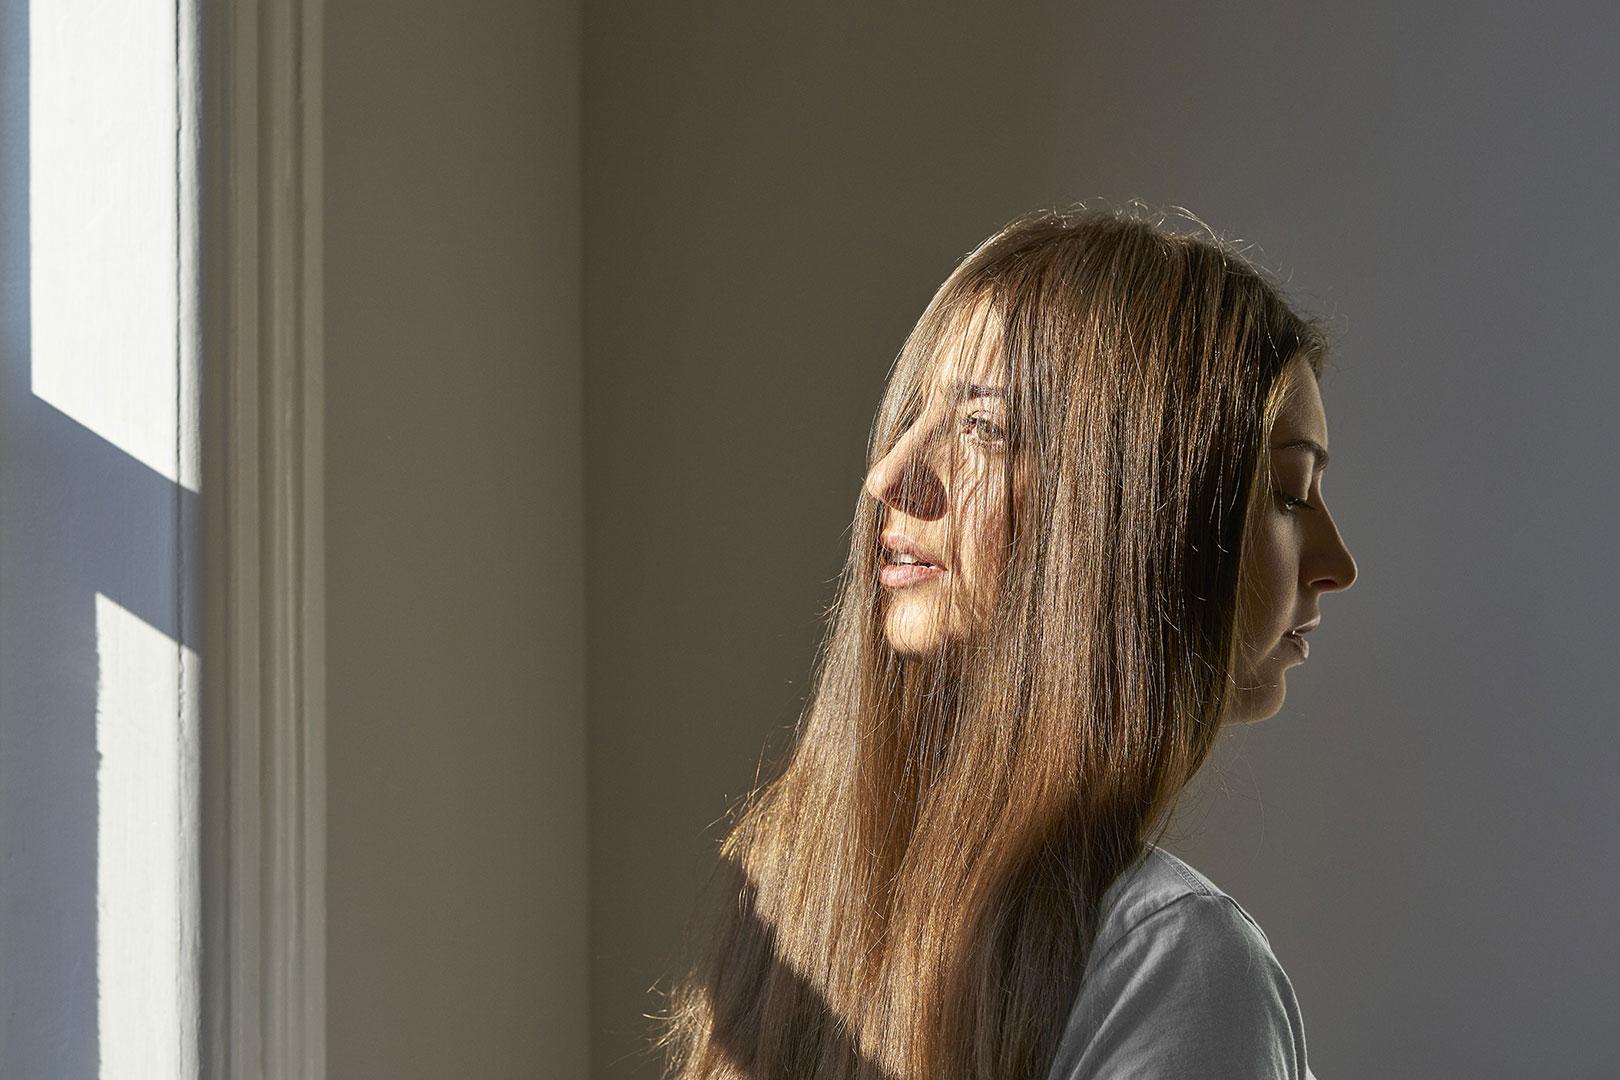 Warum so zwiegespalten? – Portraits aus unterschiedlichen Blickwinkeln